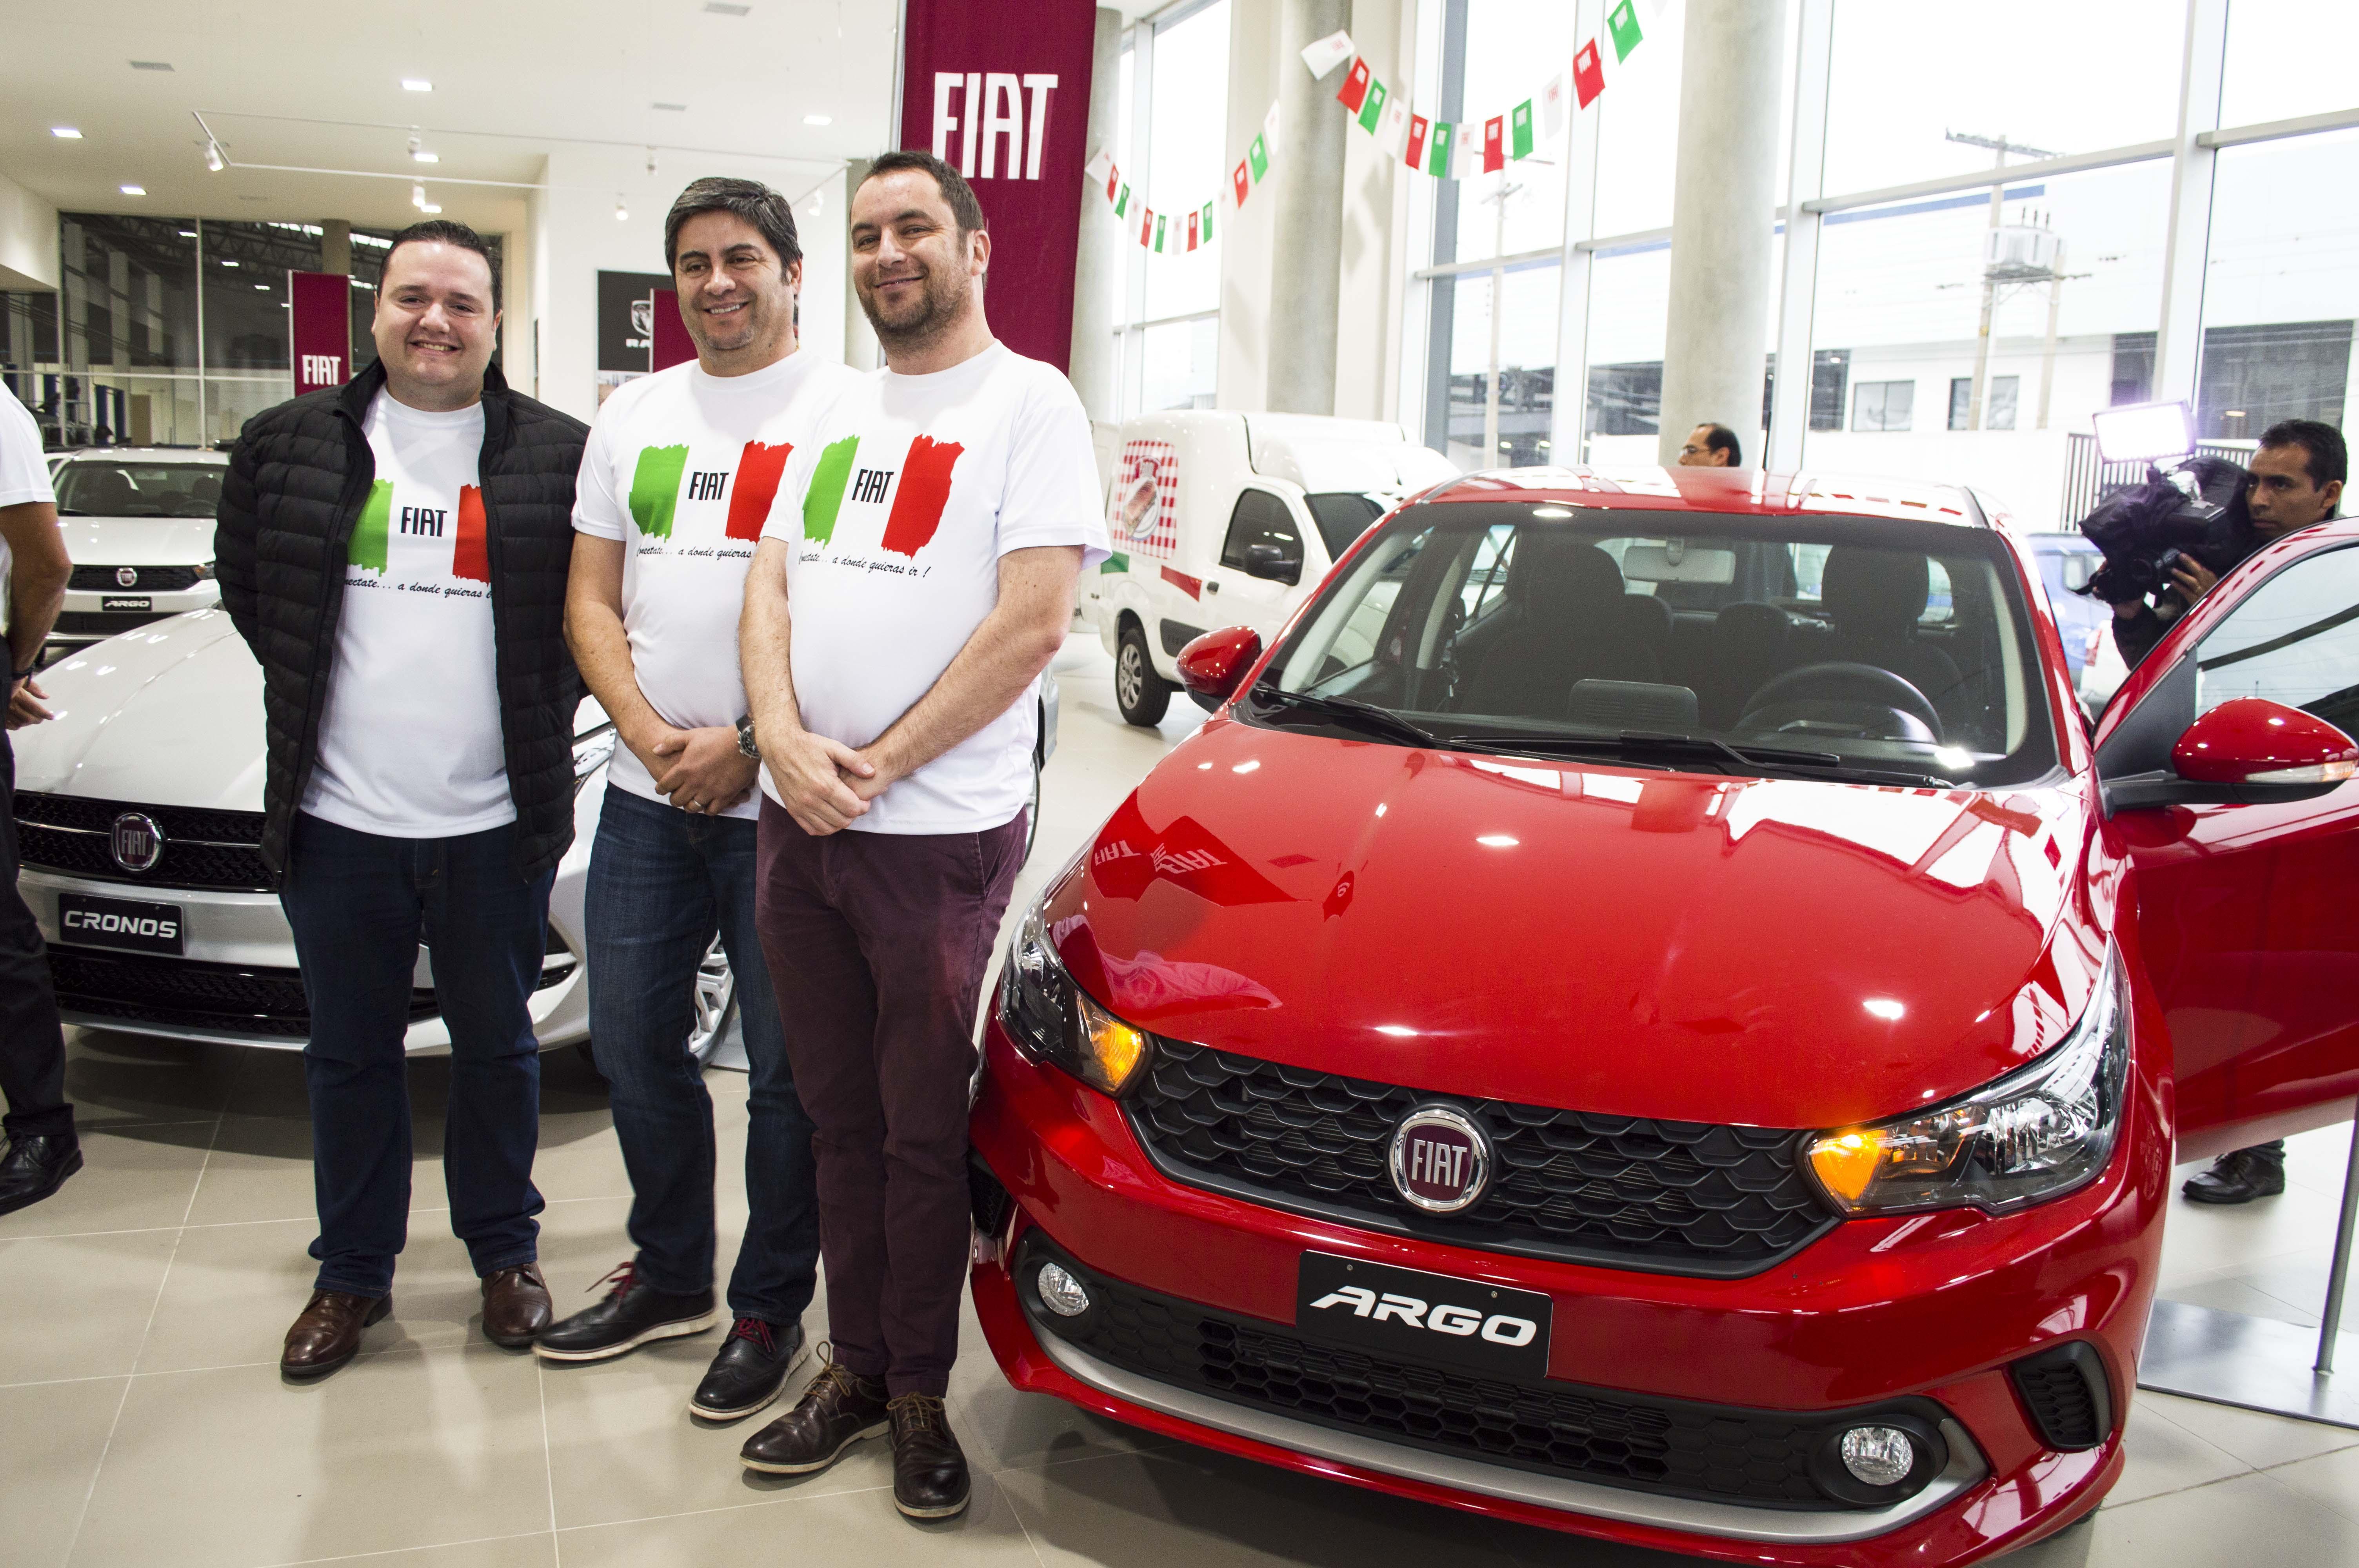 Fiat ARGO y Fiat CRONOS, los esperados  vehículos de Fiat llegan con estilo y conectividad